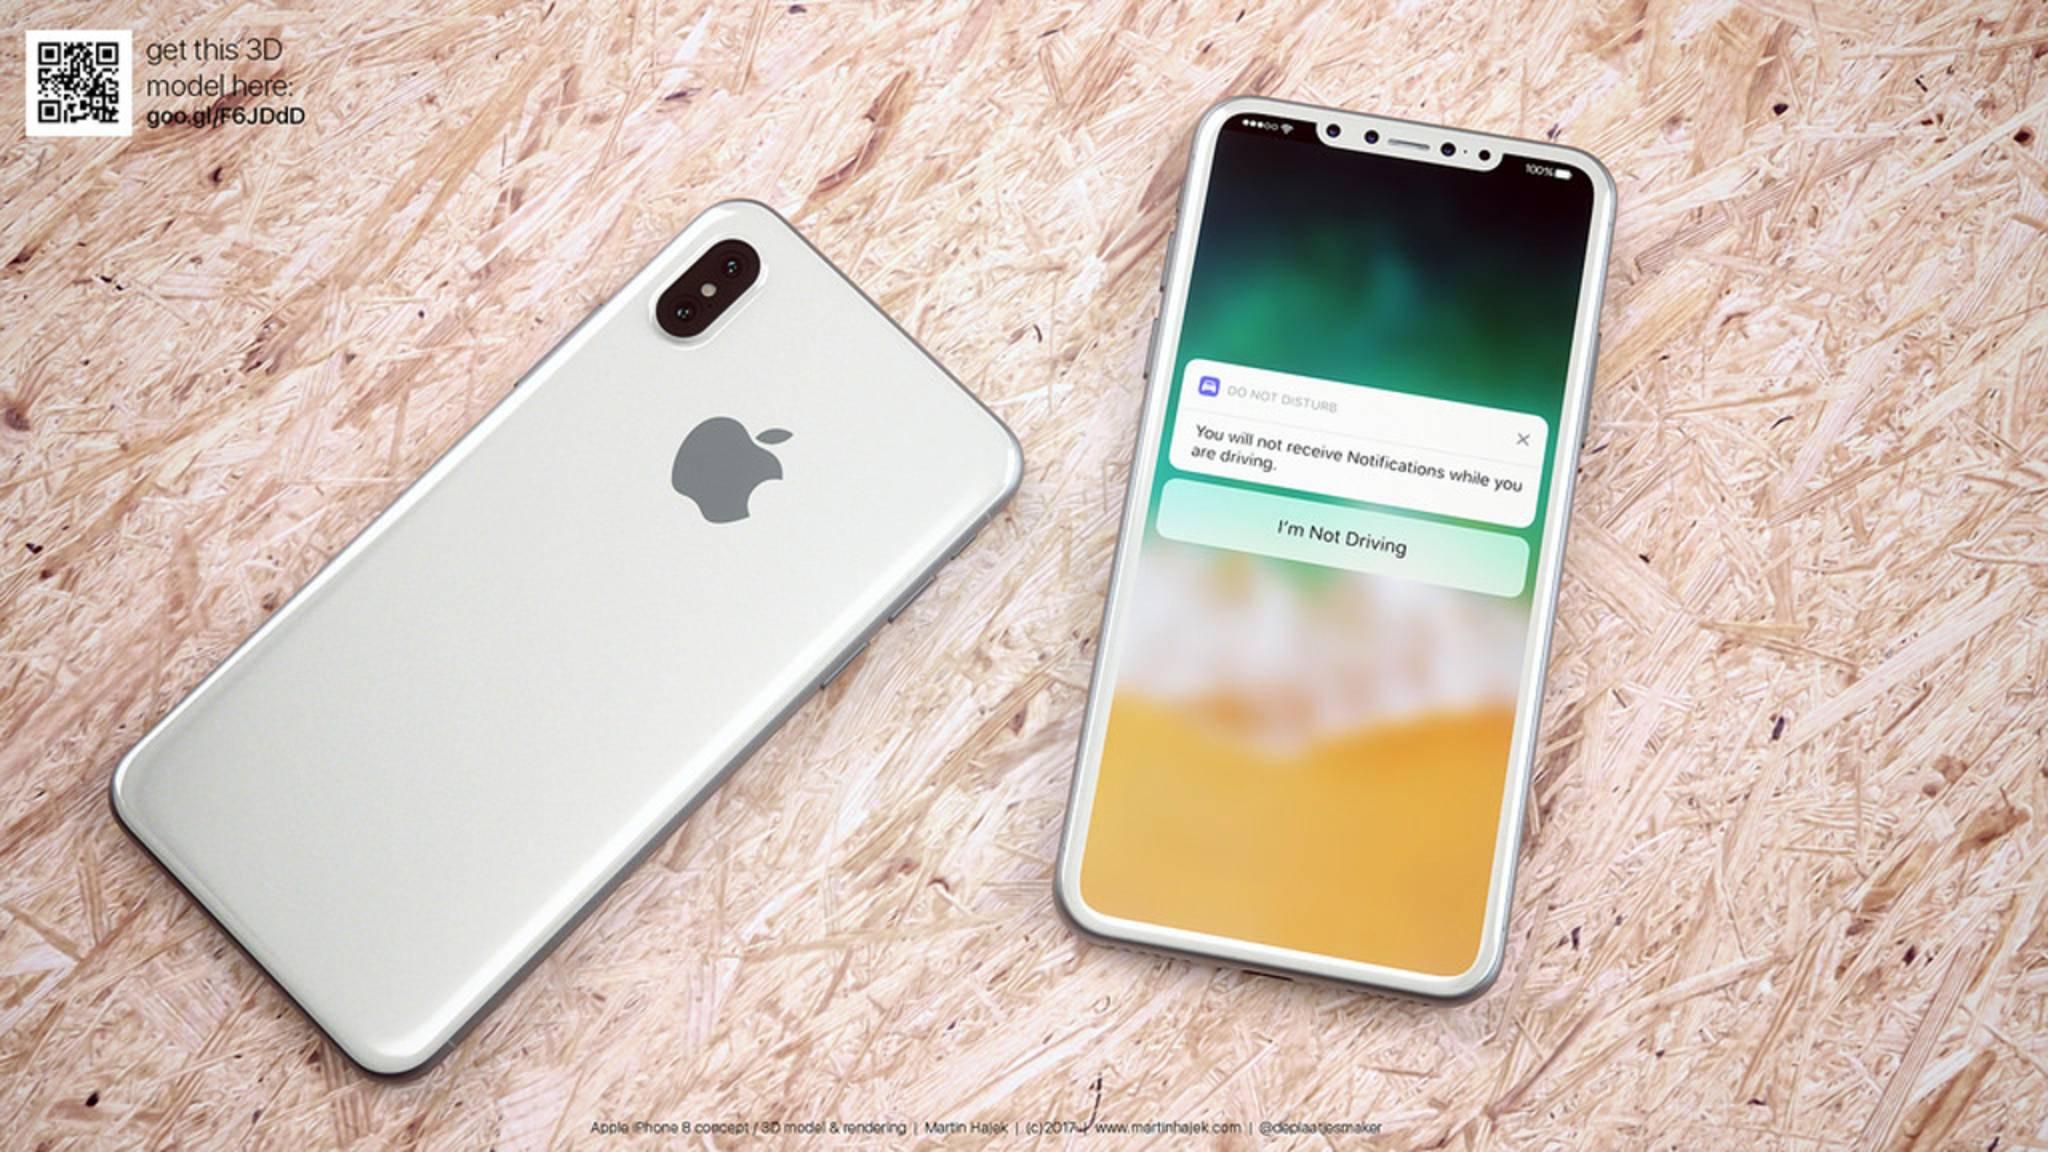 Wer gerne das iPhone X haben möchte, kann sein altes iPhone direkt bei Apple auf dem Postweg in Zahlung geben.